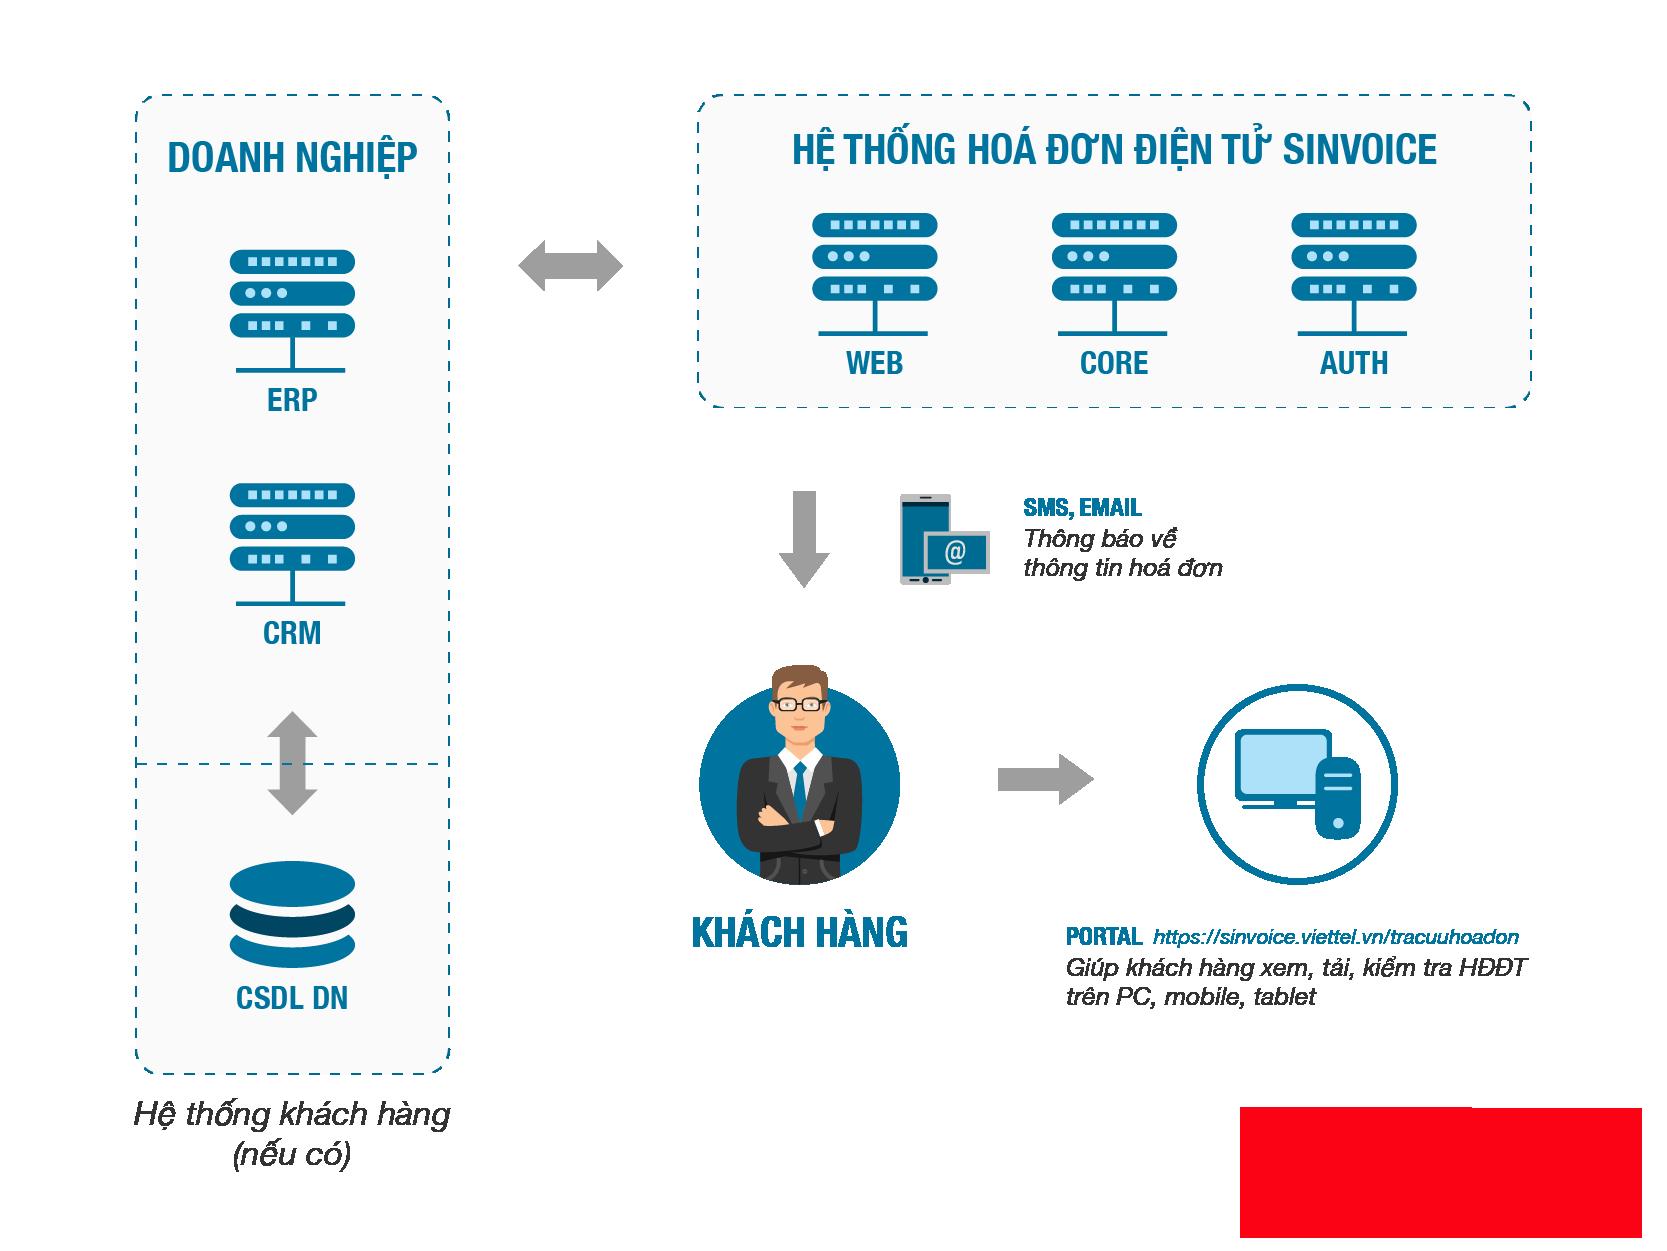 Dịch vụ hóa đơn điện tử giá rẻ 2021 do Viettel cung cấp tích hợp sẵn tính năng gửi tin nhắn SMS